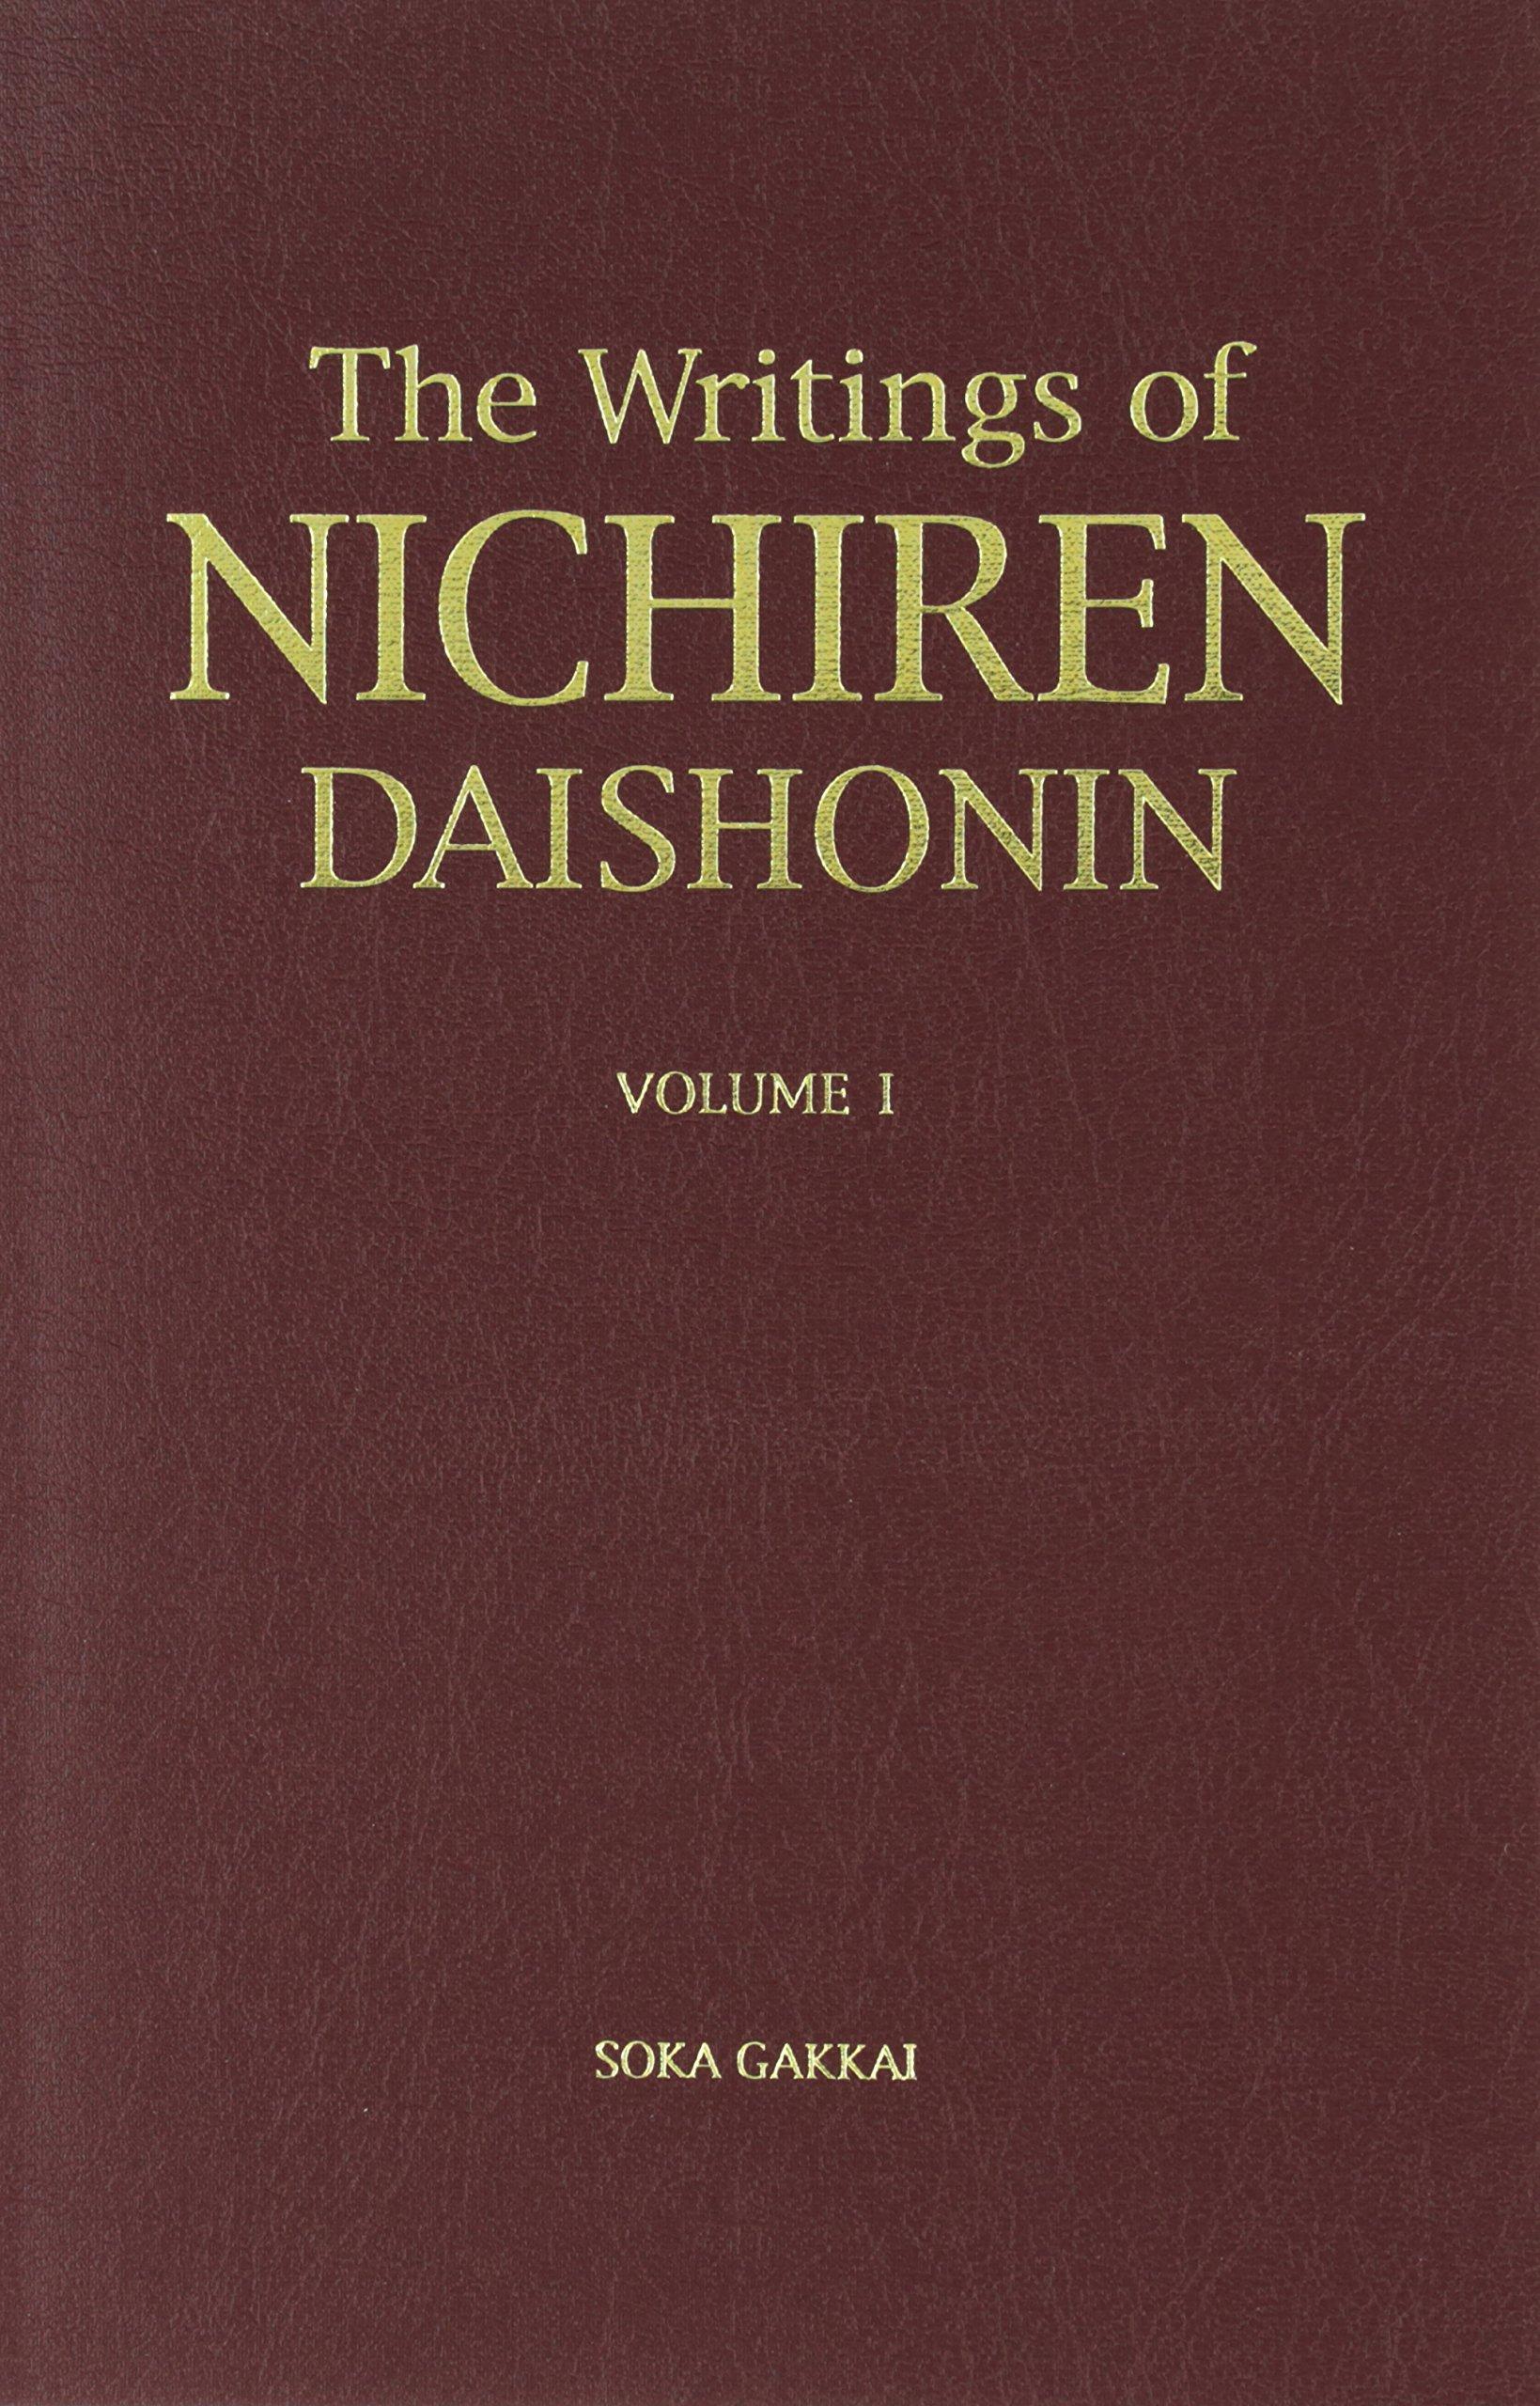 Nichiren Daishonin's book